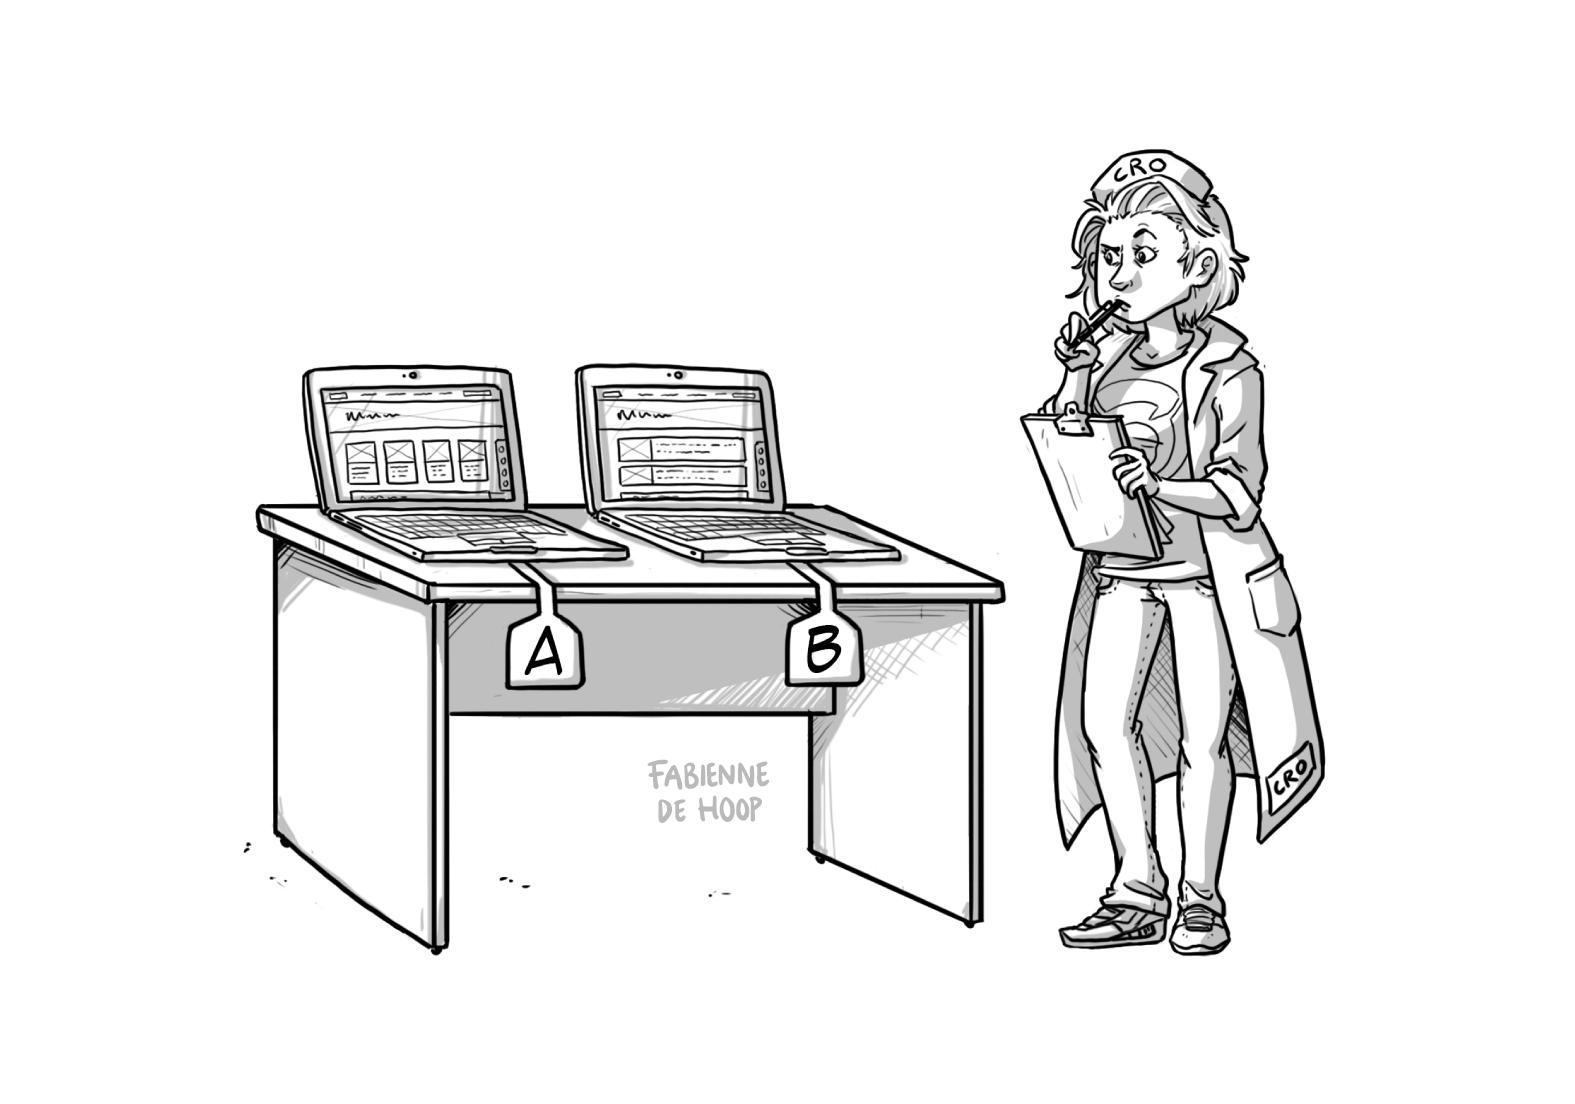 A/B testen uitgebeeld via een cartoon